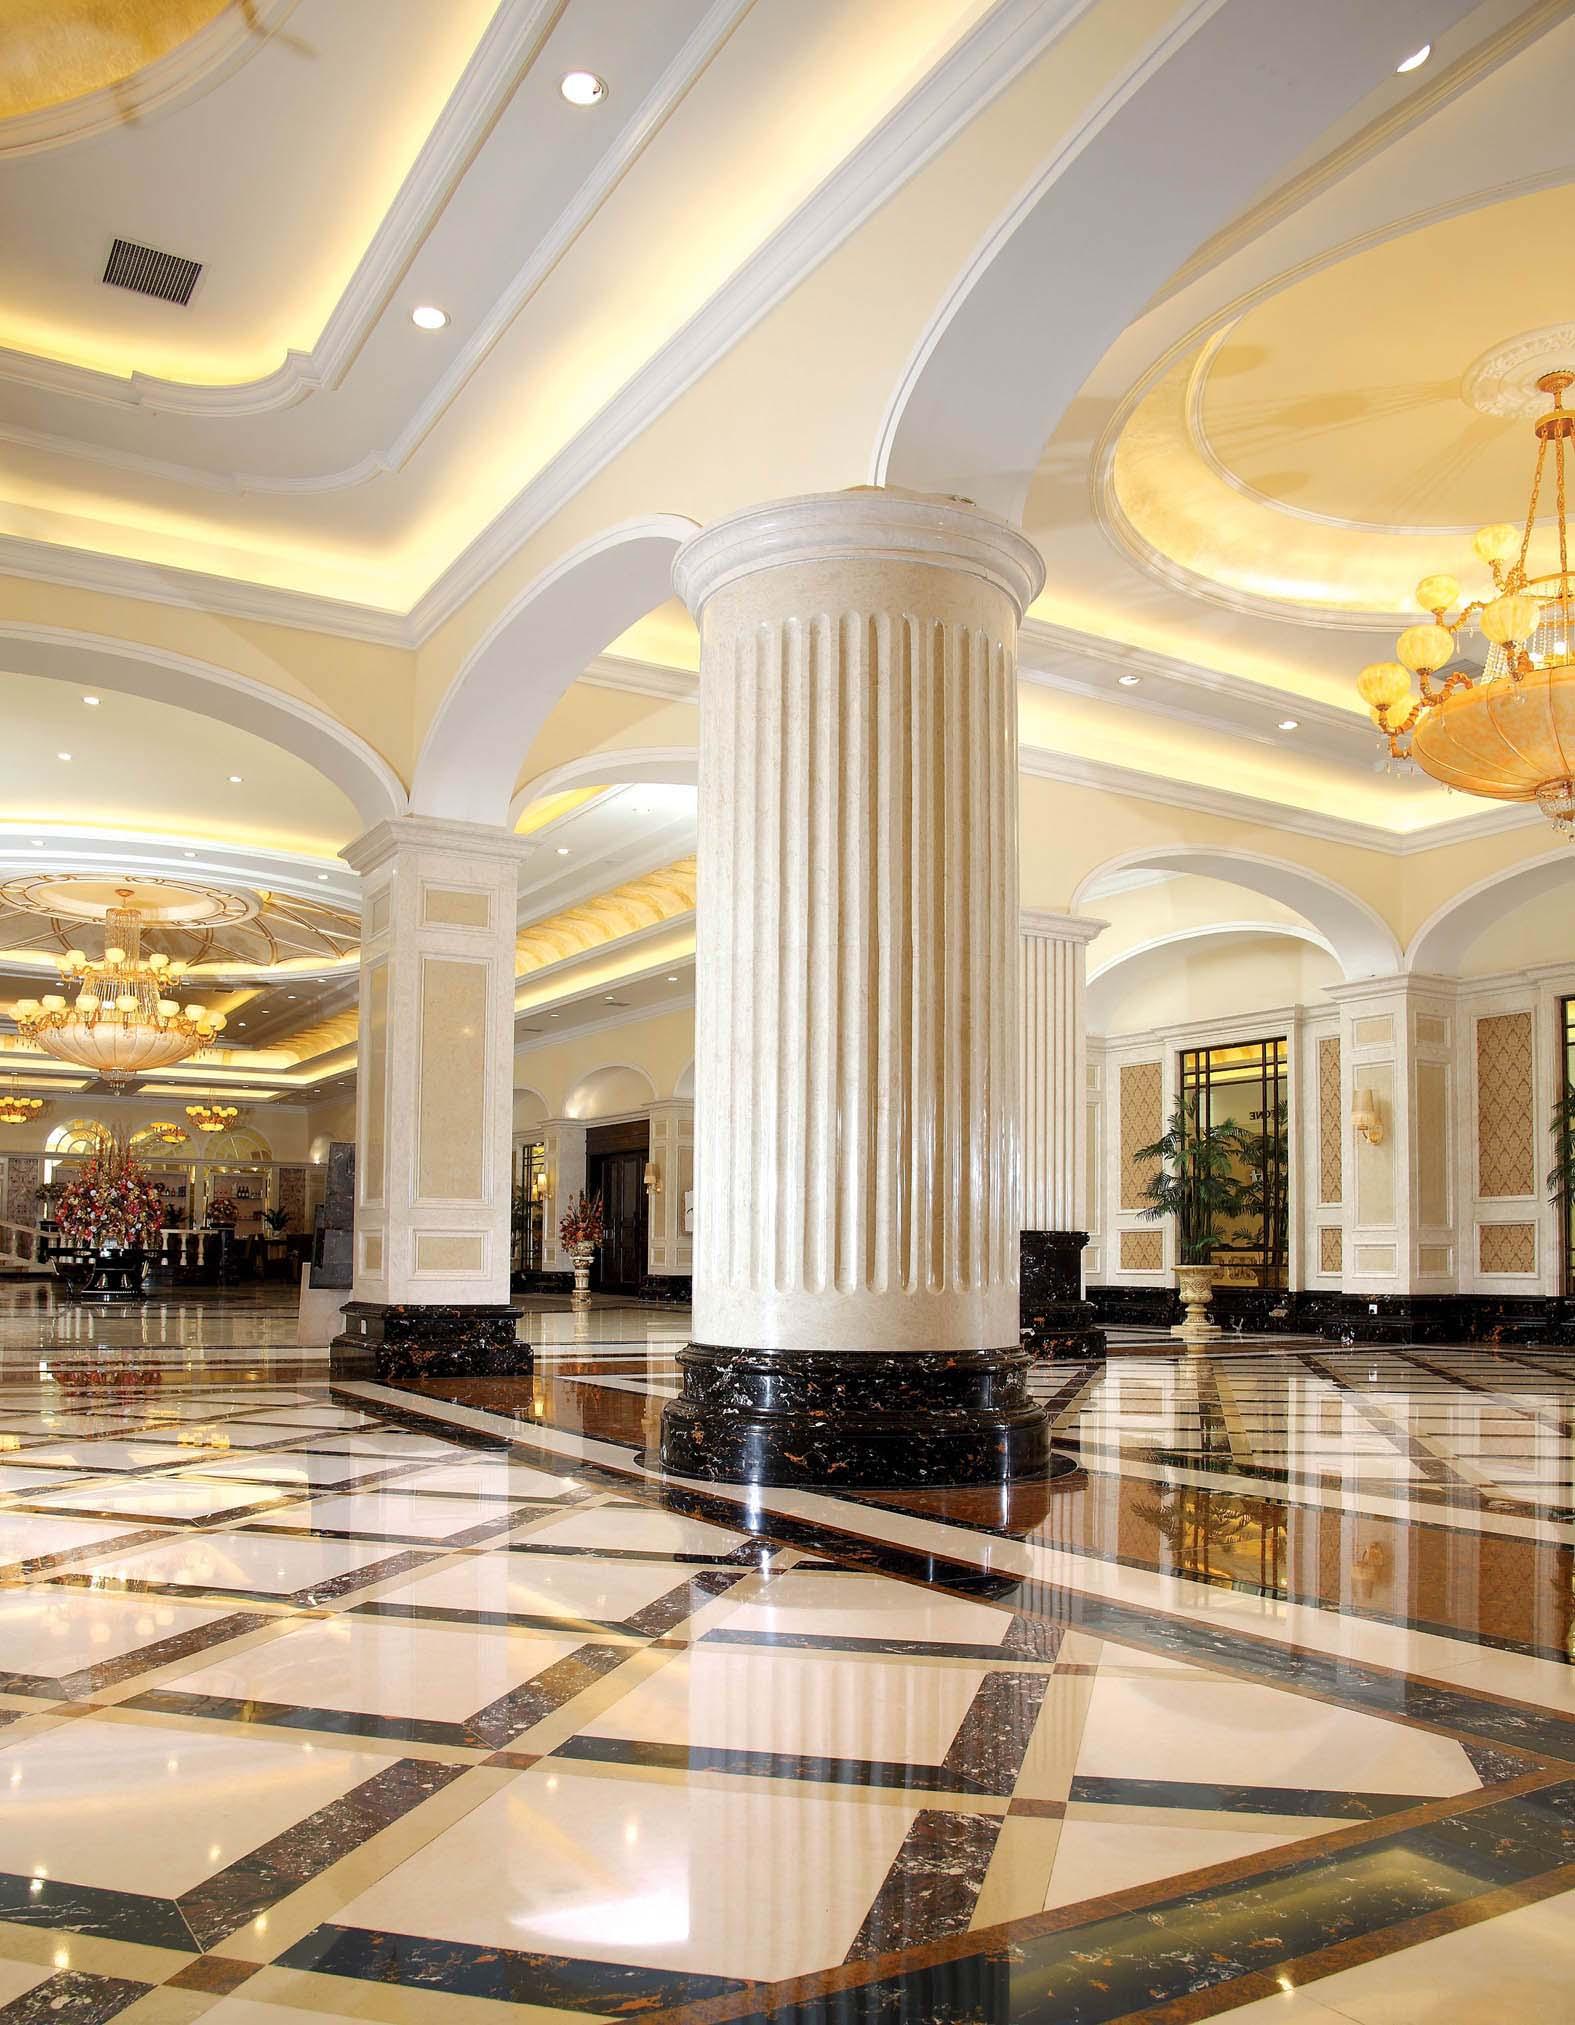 案例说明: 顺德总部展厅斥资2000多万元,模拟五星级酒店的装饰效果,聘请知名广东集美组高级设计师设计,享誉全国建筑界和装界的一件大事,赢得全国的同行们一片赞美声。各地建材商不断考察并签定合作协议,抢断这个前景无量的潜在市场。